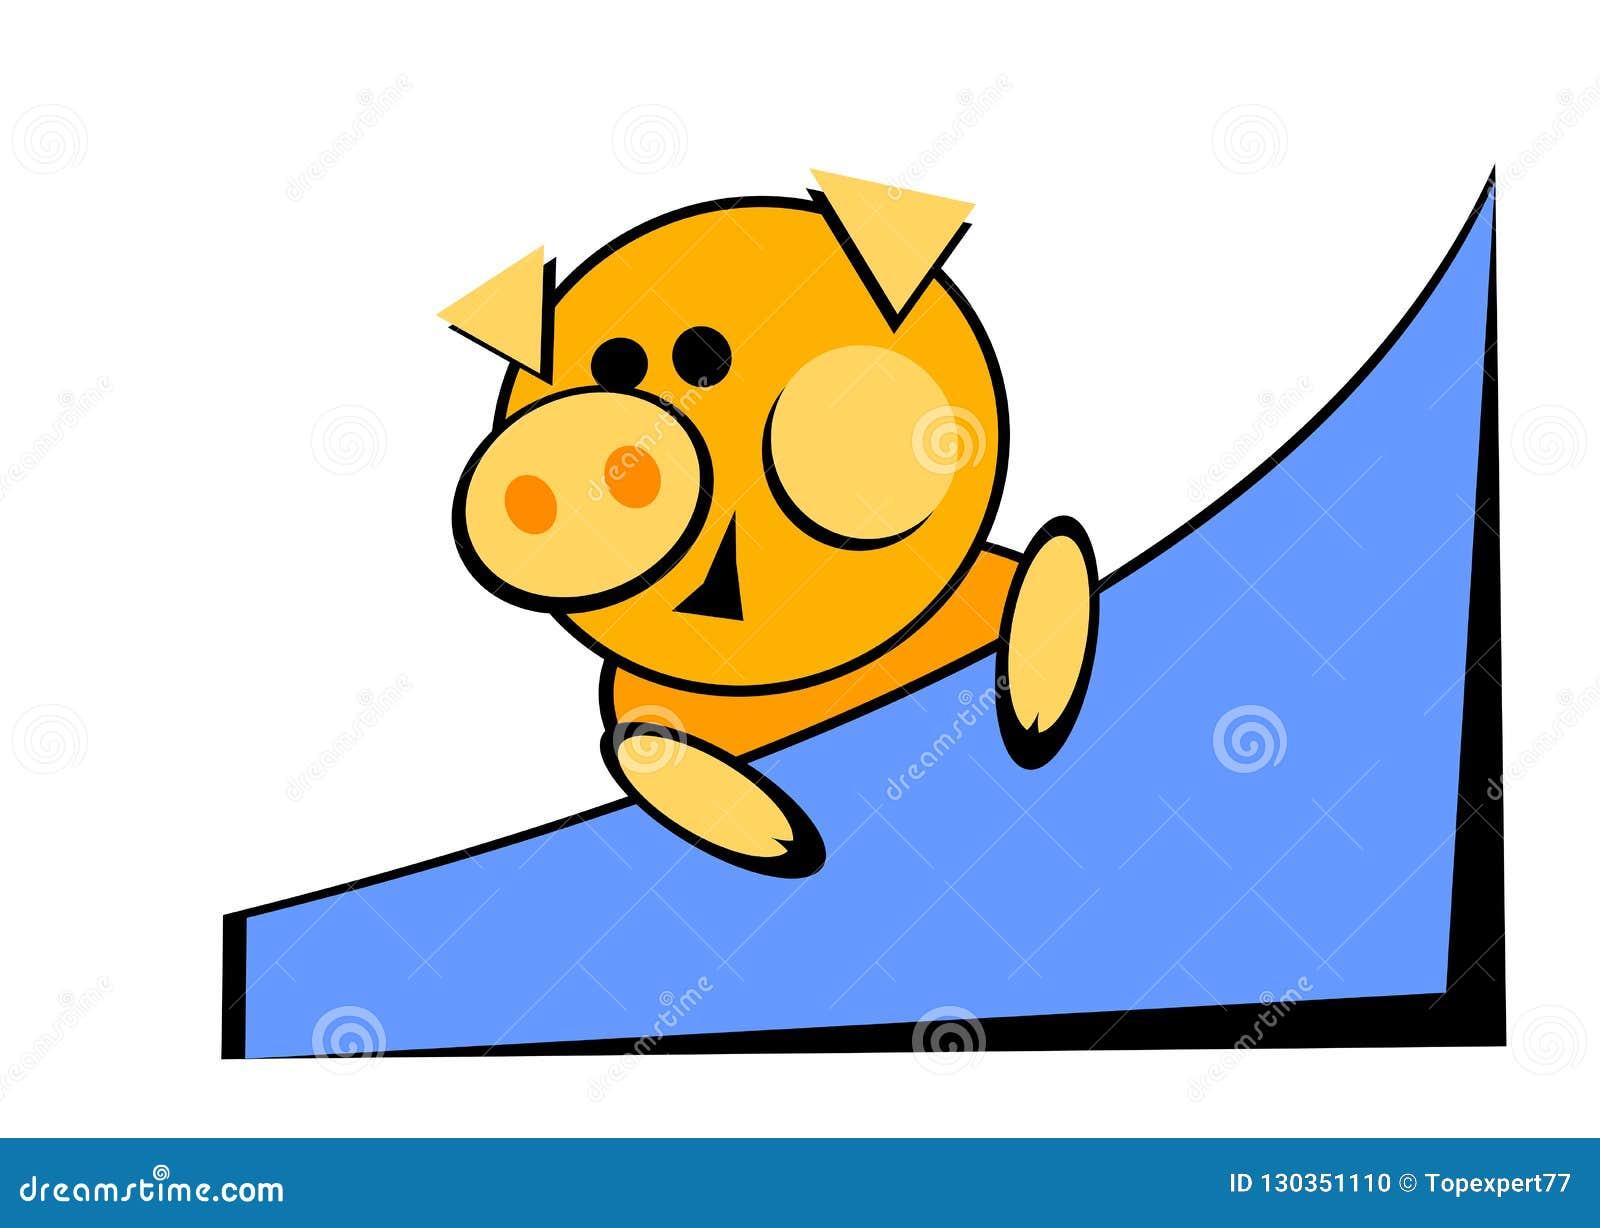 Gelbe Karte Lustig.Schwein Symbol 2019 2019 Neues Jahr Gelbes Gelbes Schwein